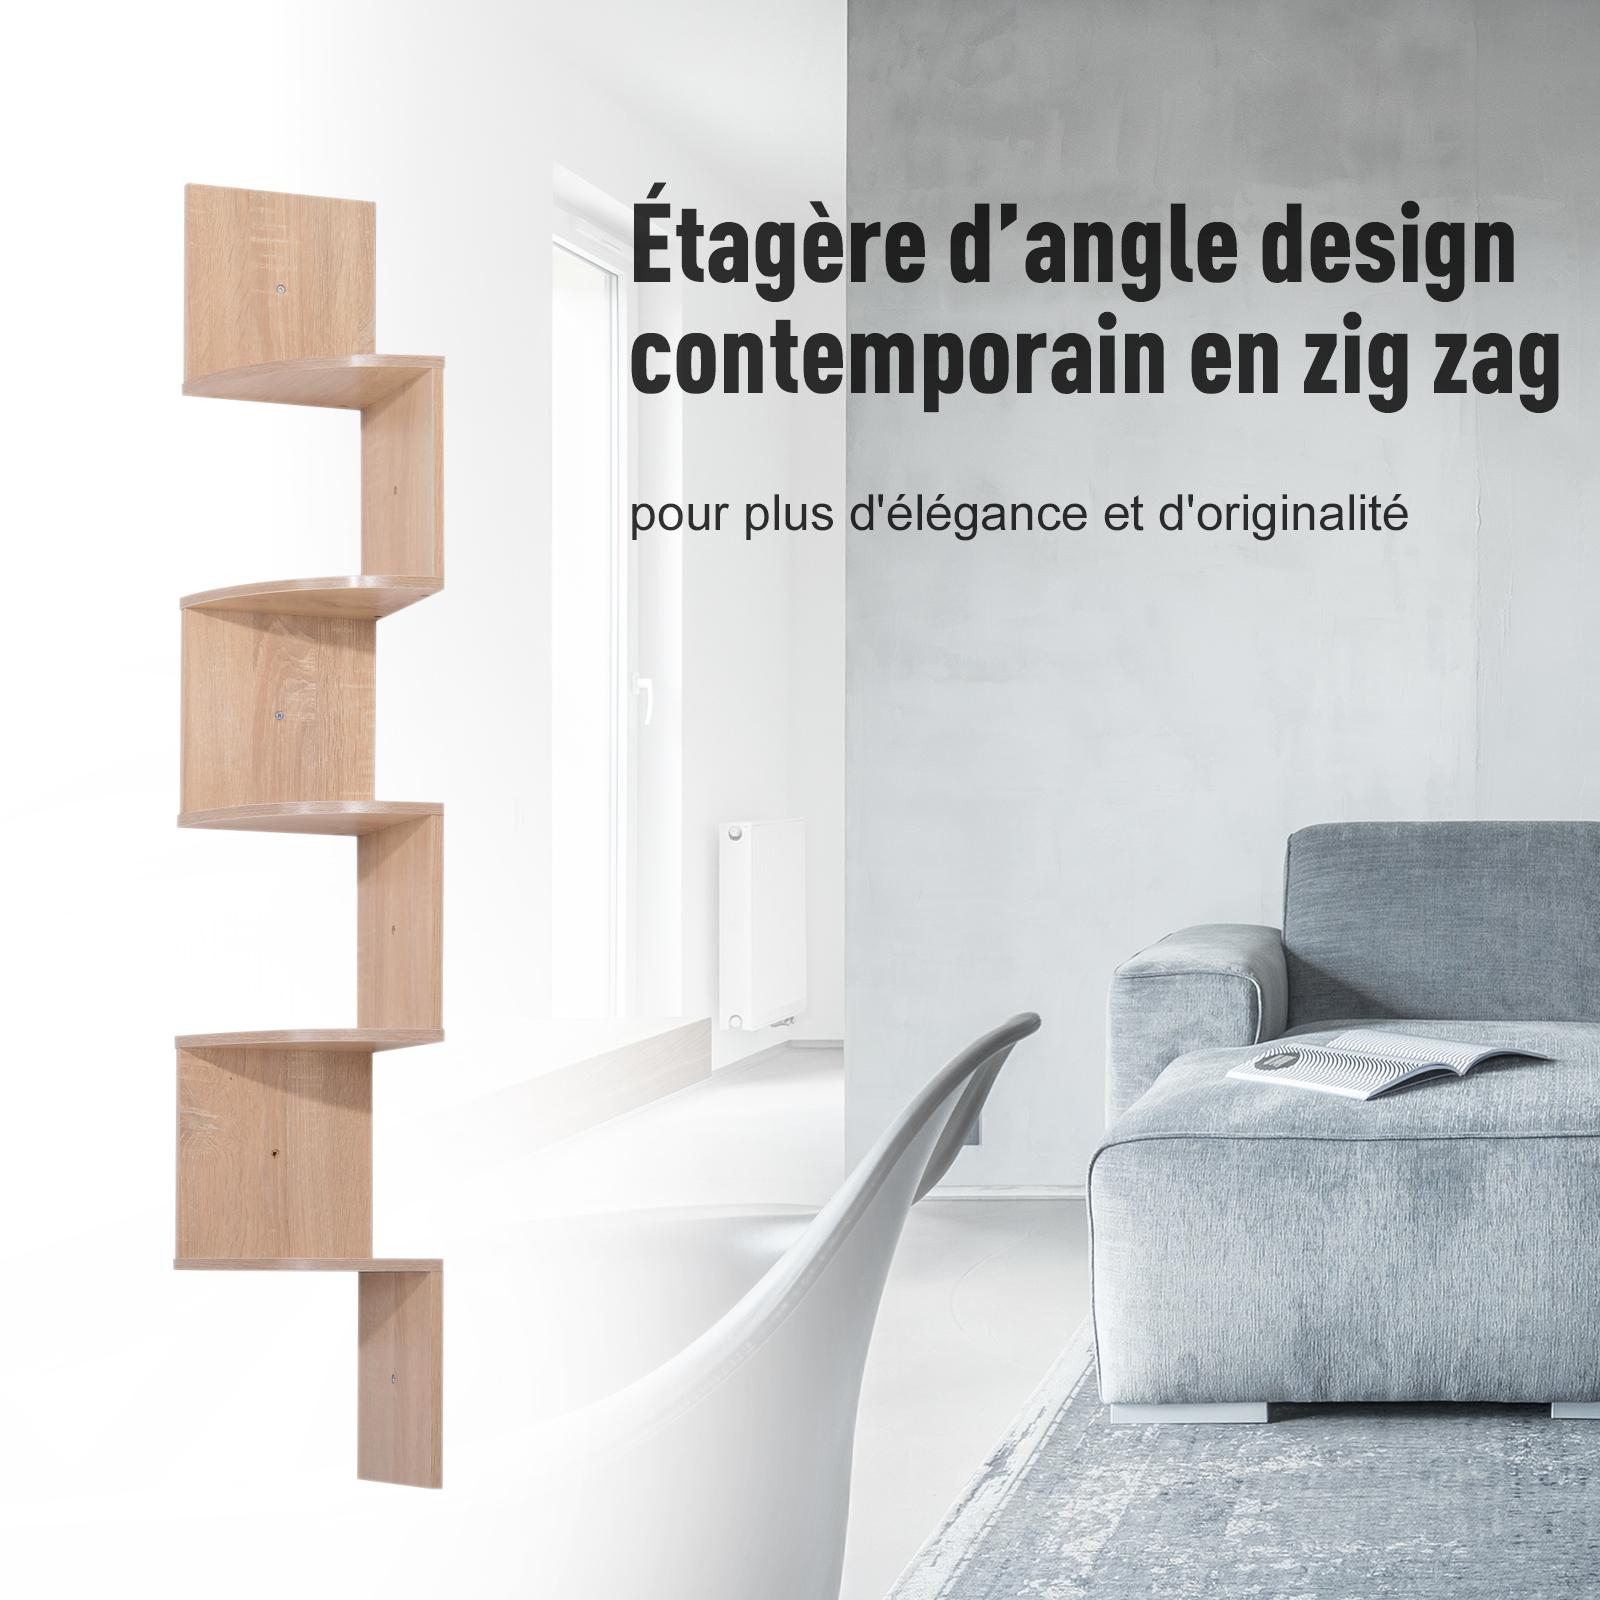 Etagere-d-Angle-Etagere-Murale-Zigzag-5-Niveaux-20-x-20-x-126-cm miniature 15